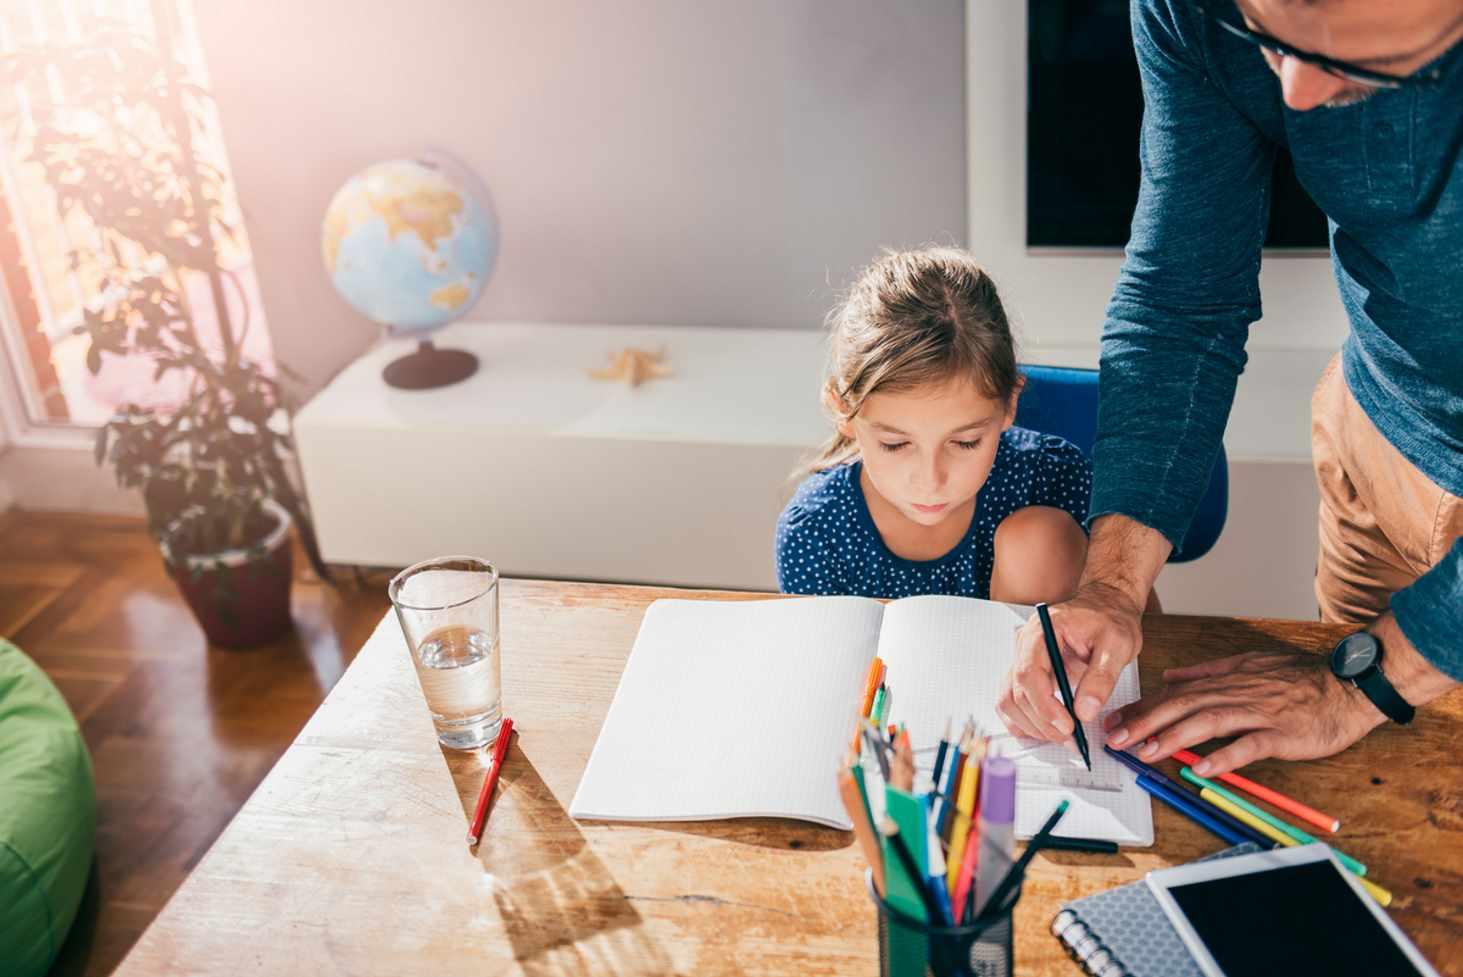 Школы ищут способ отказаться от традиционной домашней работы